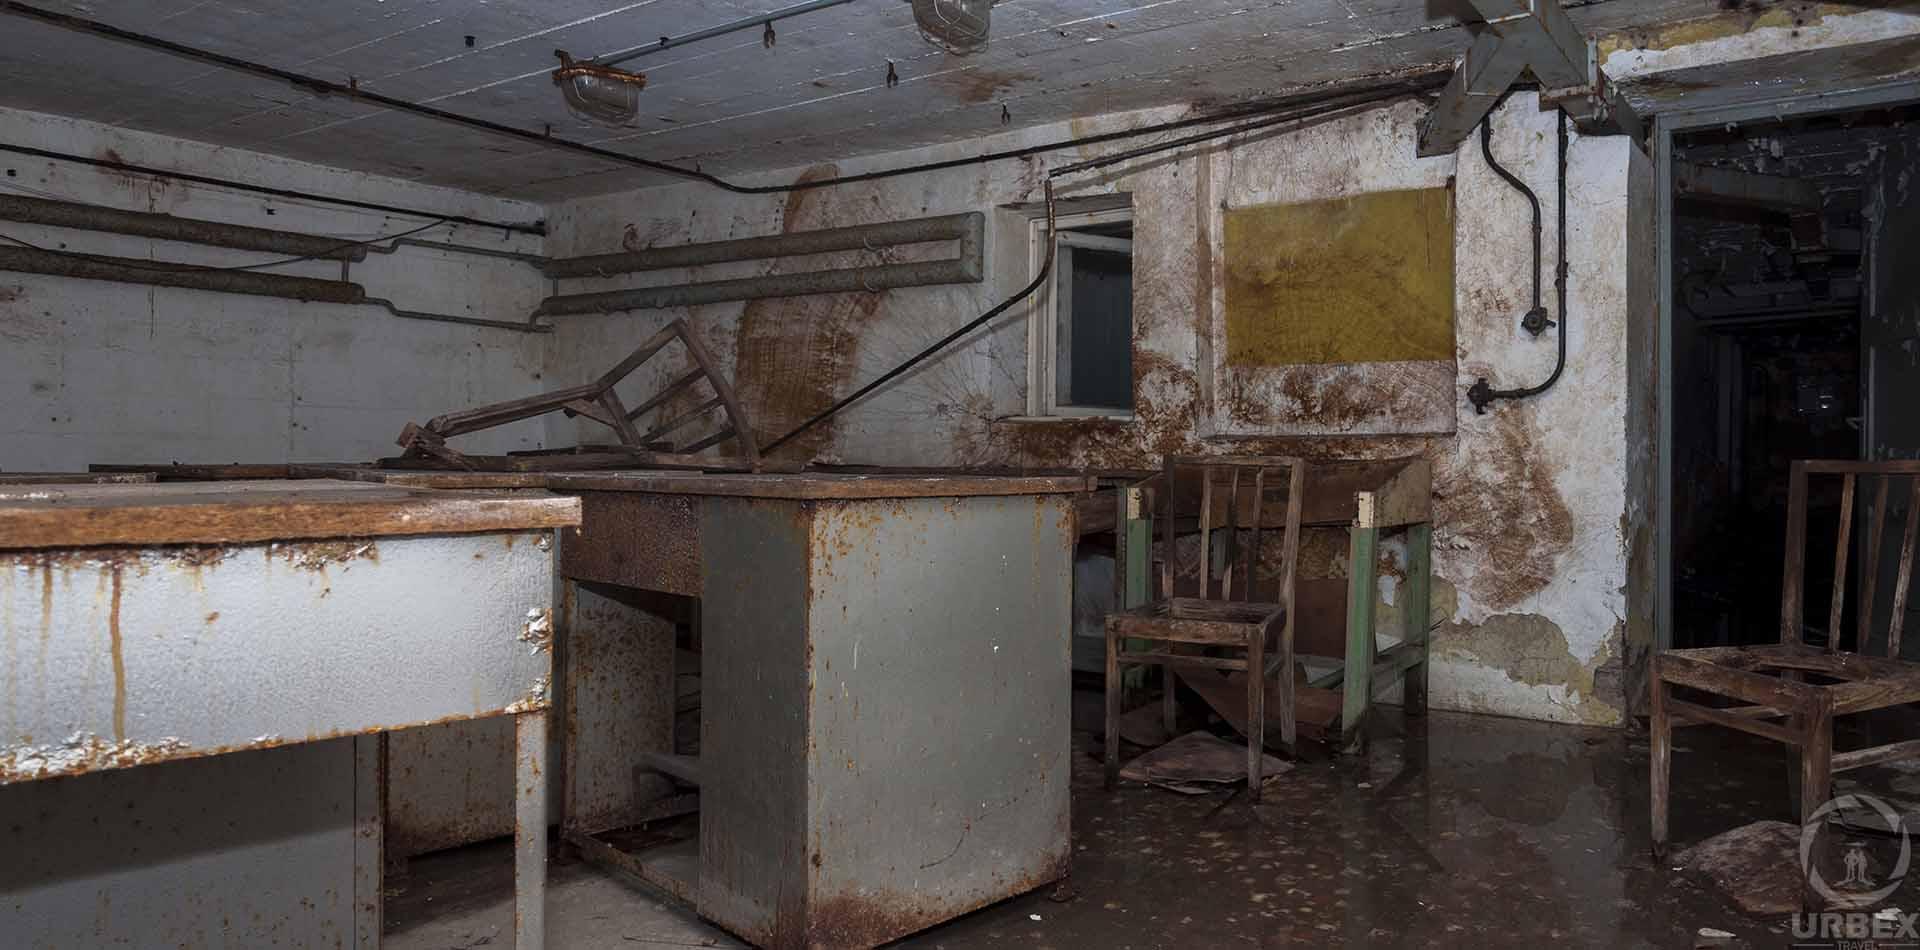 Abandoned Cold War Shelter